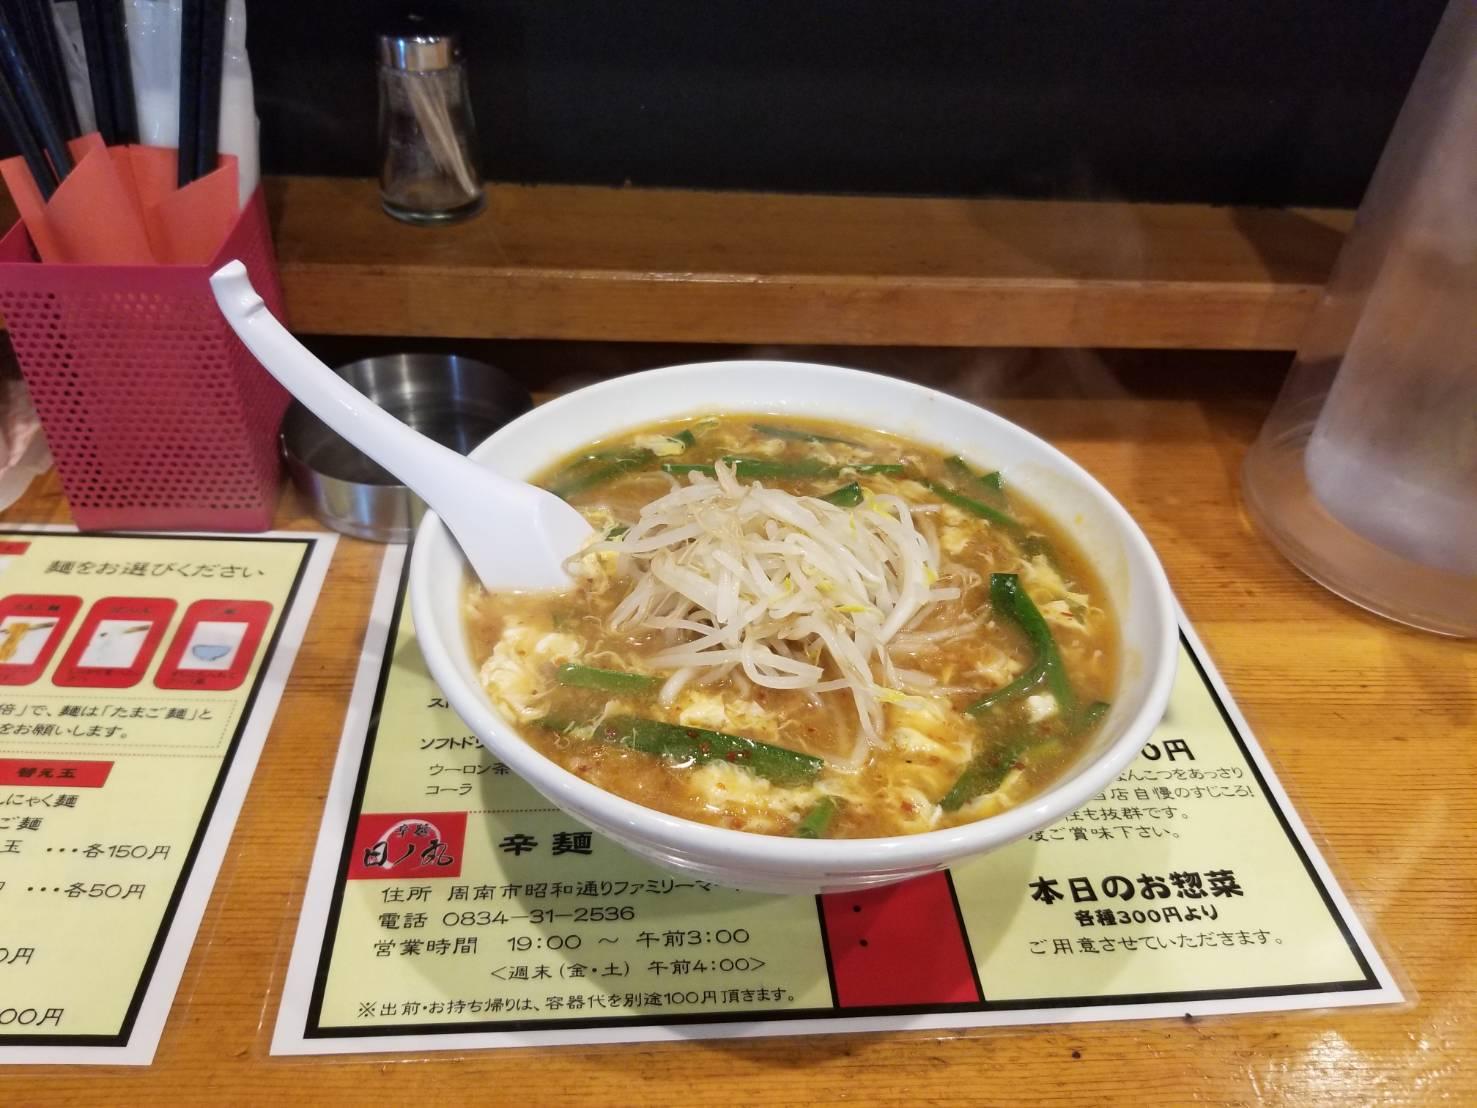 辛麺 日ノ丸2辛